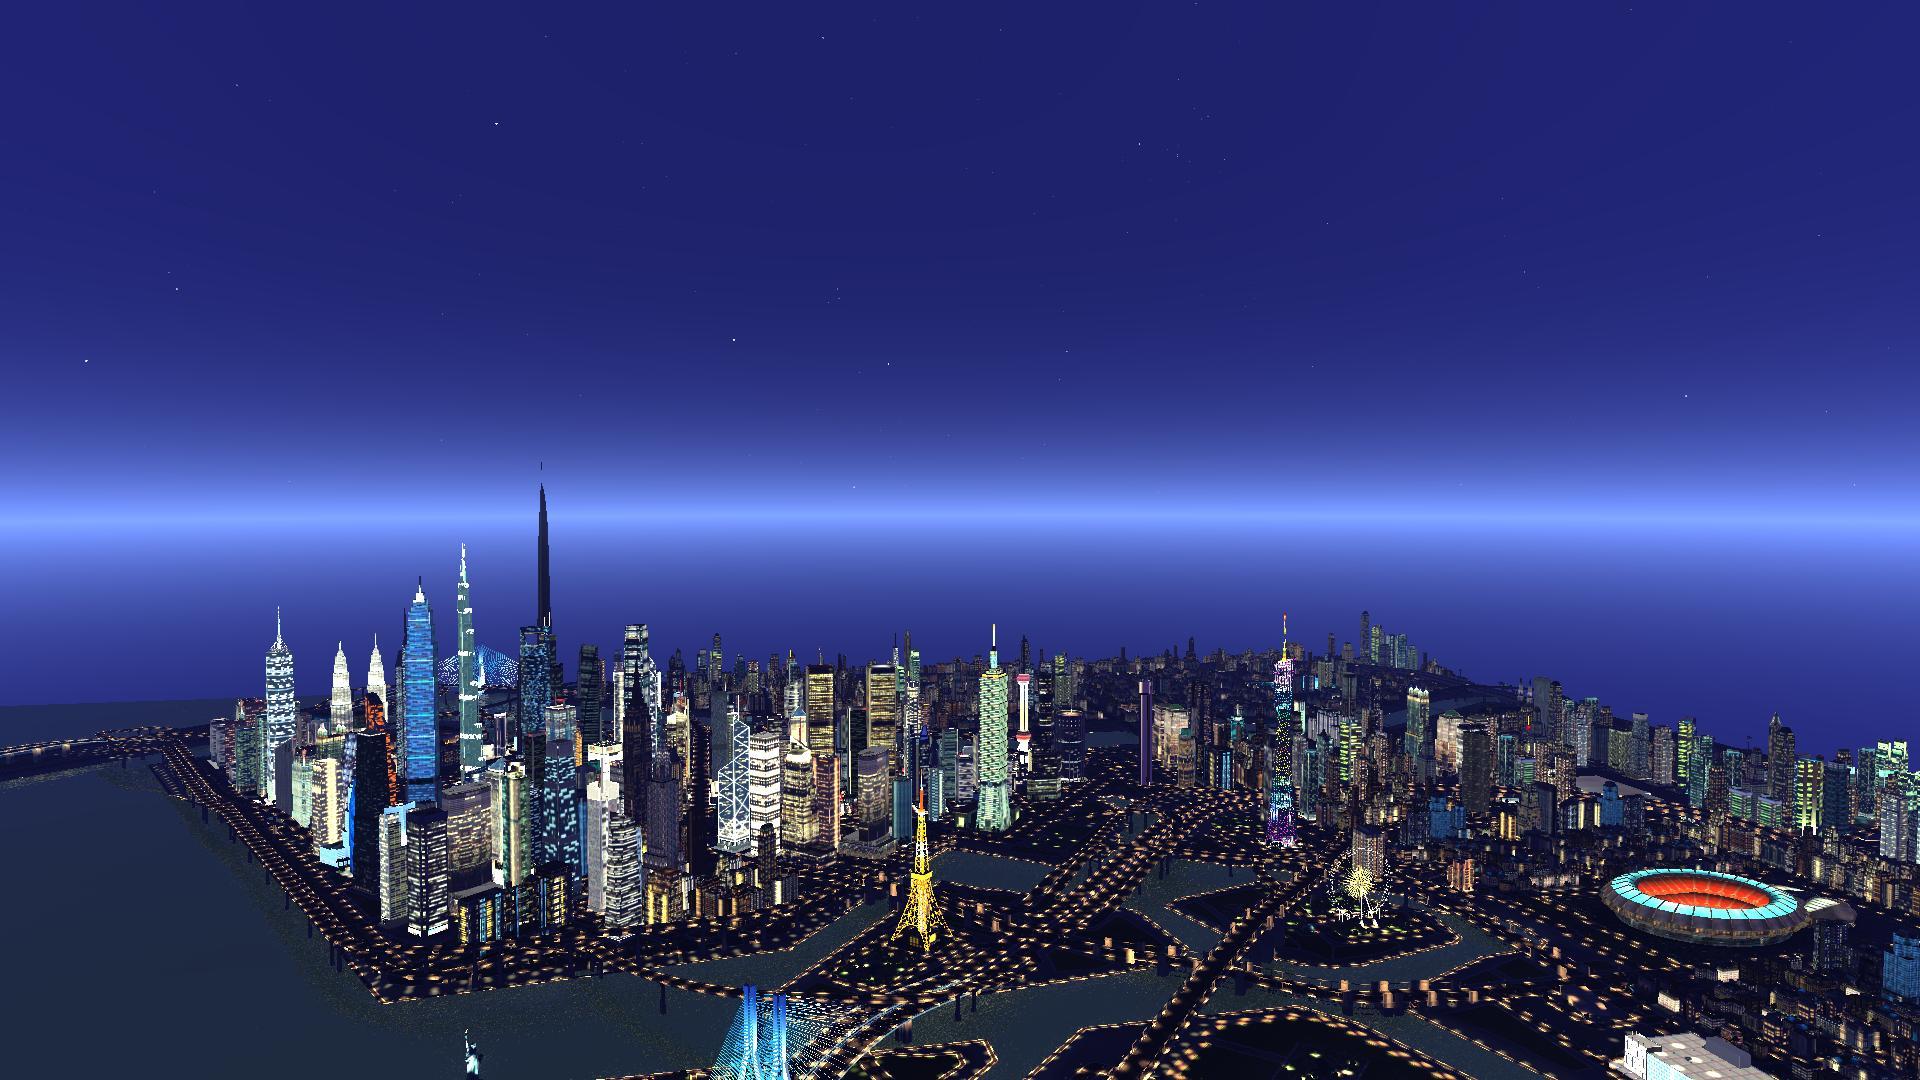 CitiesXL_2012 2014-11-06 01-58-29-82.jpg